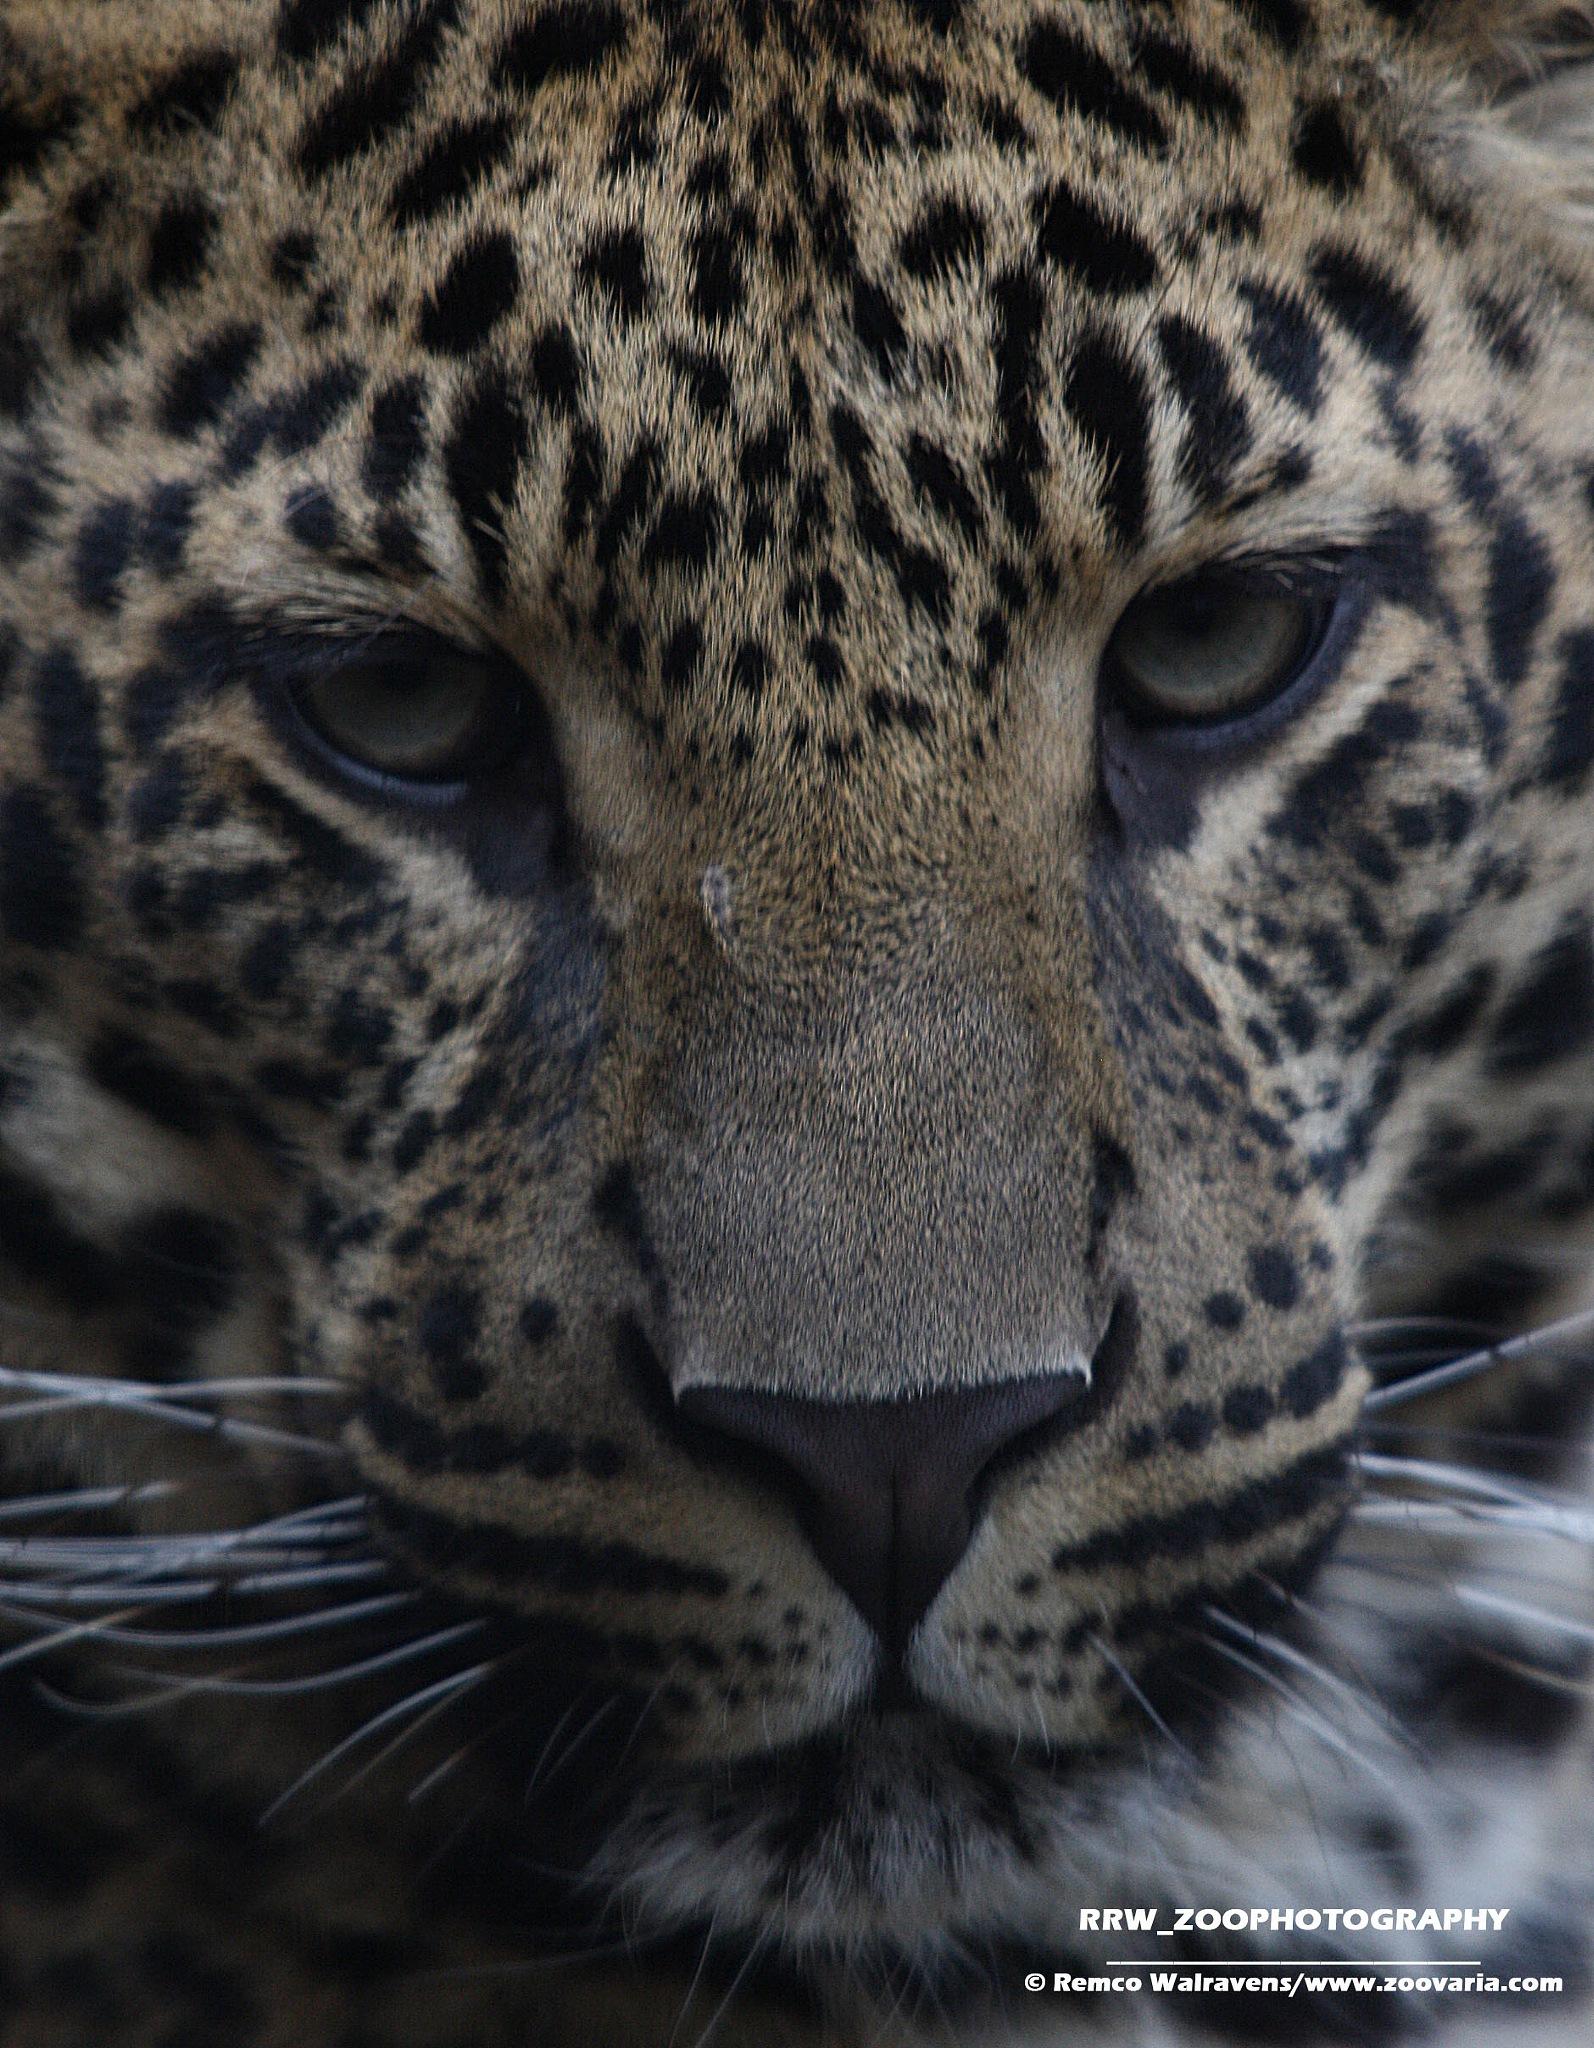 Sri Lanka leopard kitten by Remco Walravens